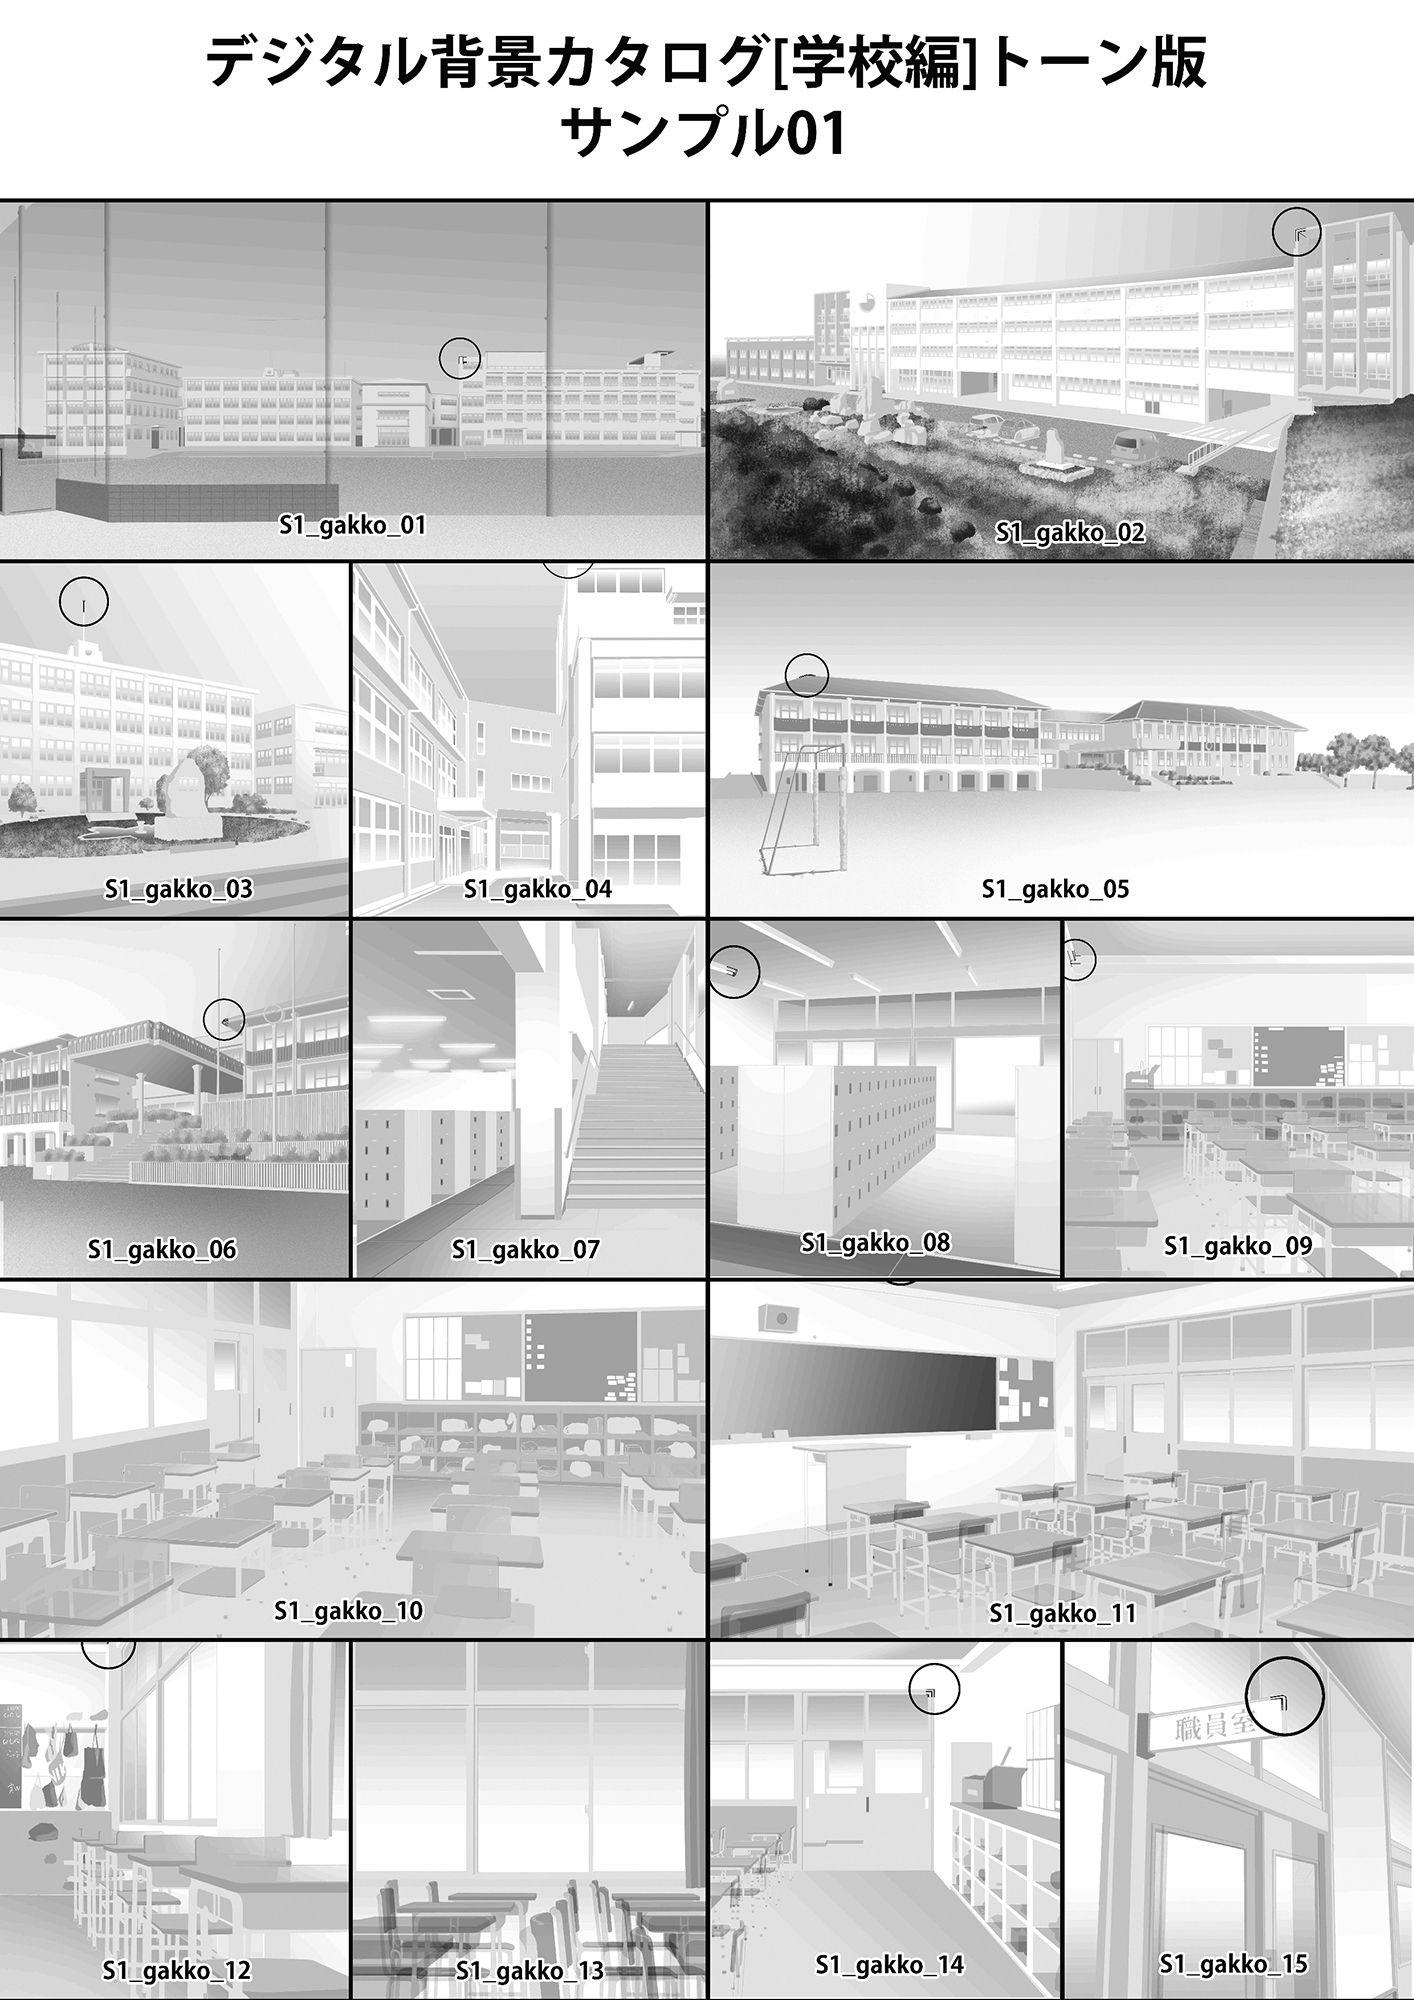 ARMZ背景カタログトーン版[学校編]